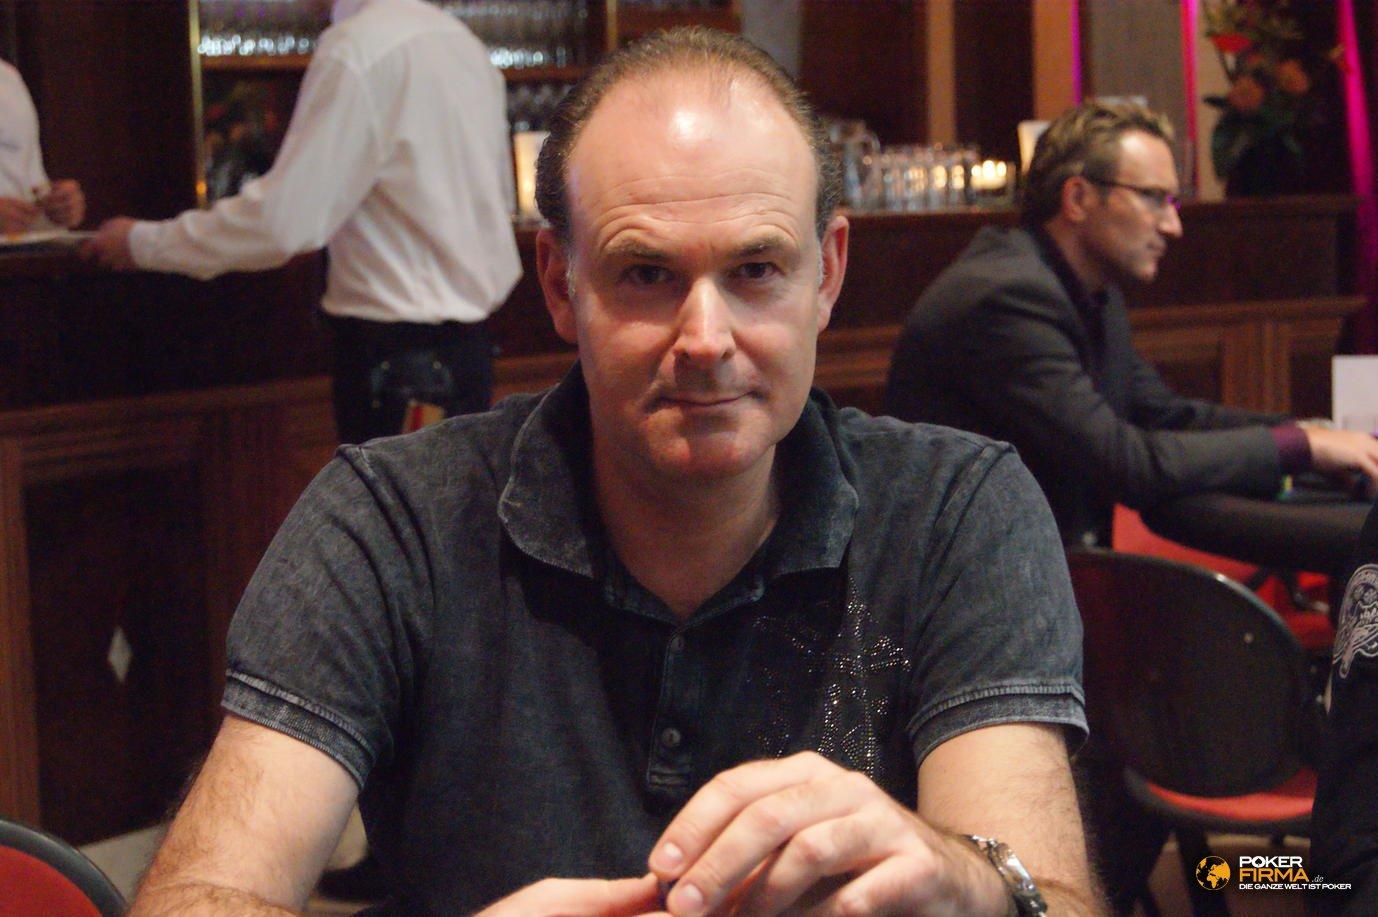 Poker_EM_5000_NLH301011_Hans_Joerg_Peisert